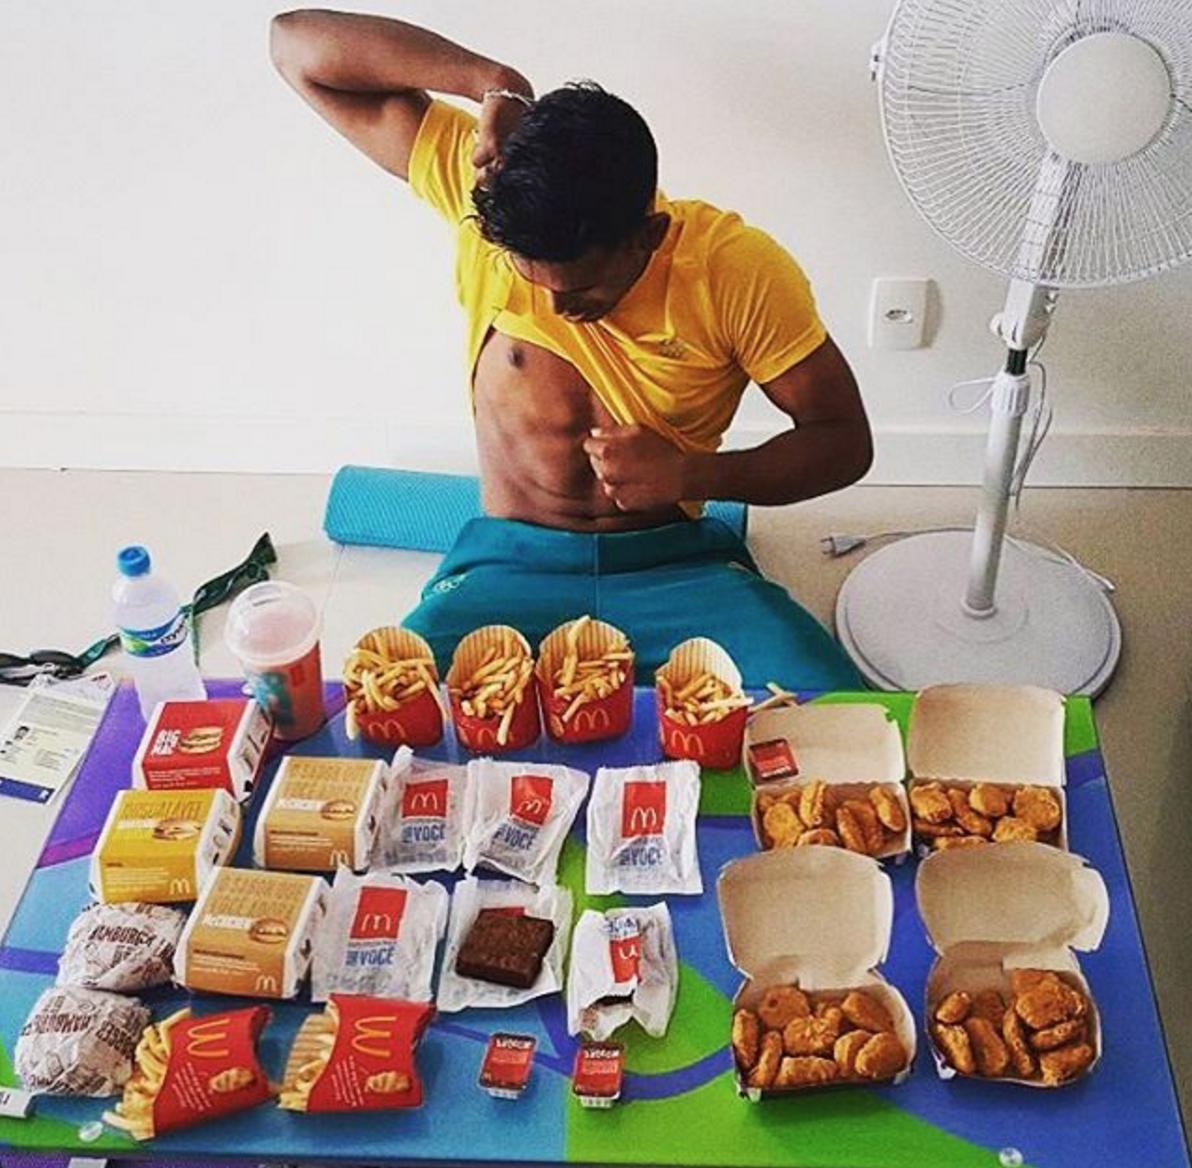 What do sportsmen eat? 36